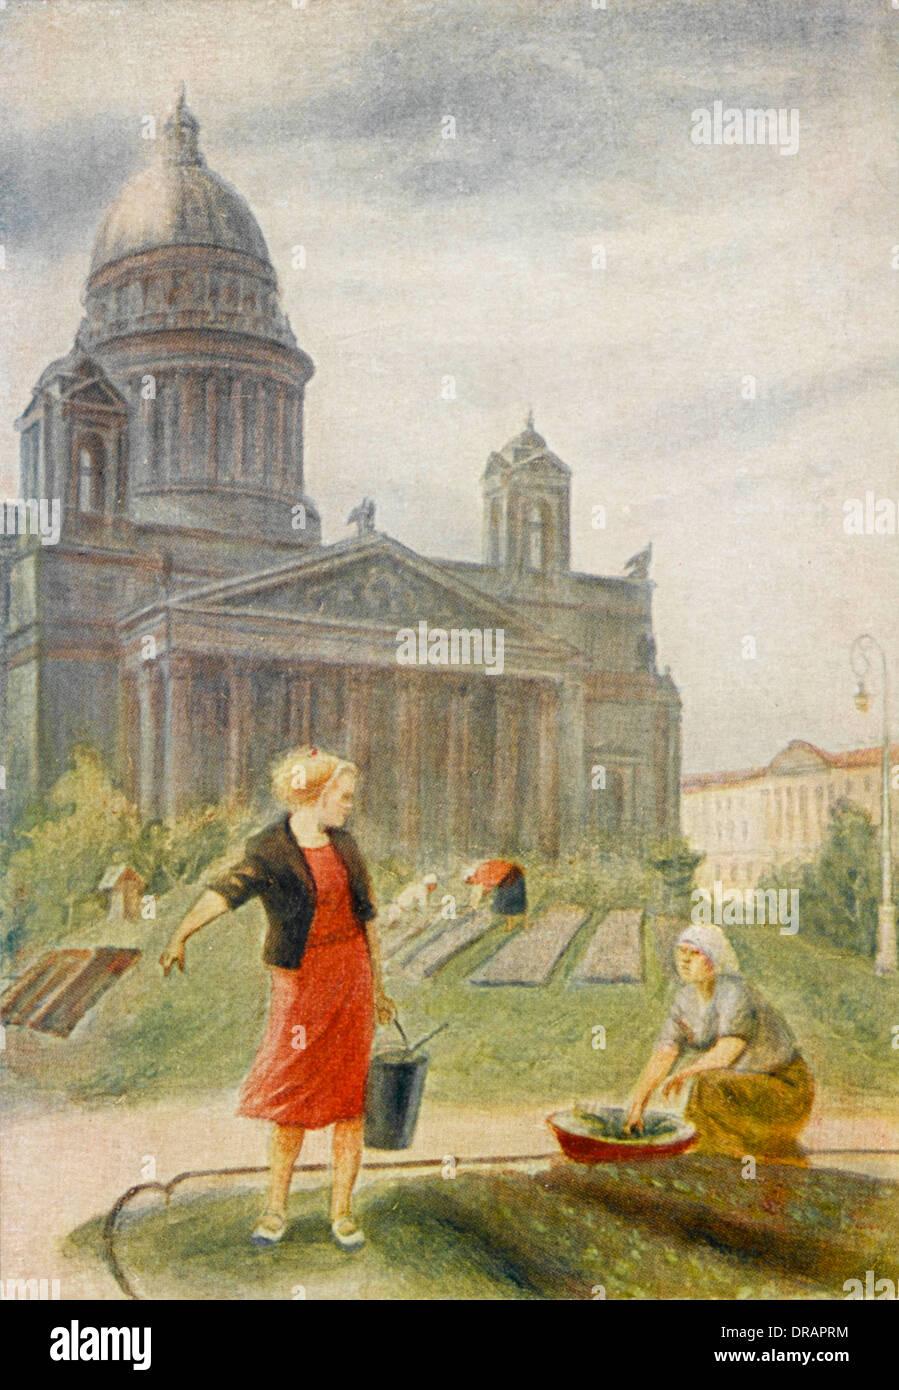 Leningrader Bürger in Gärtnereien Stockbild